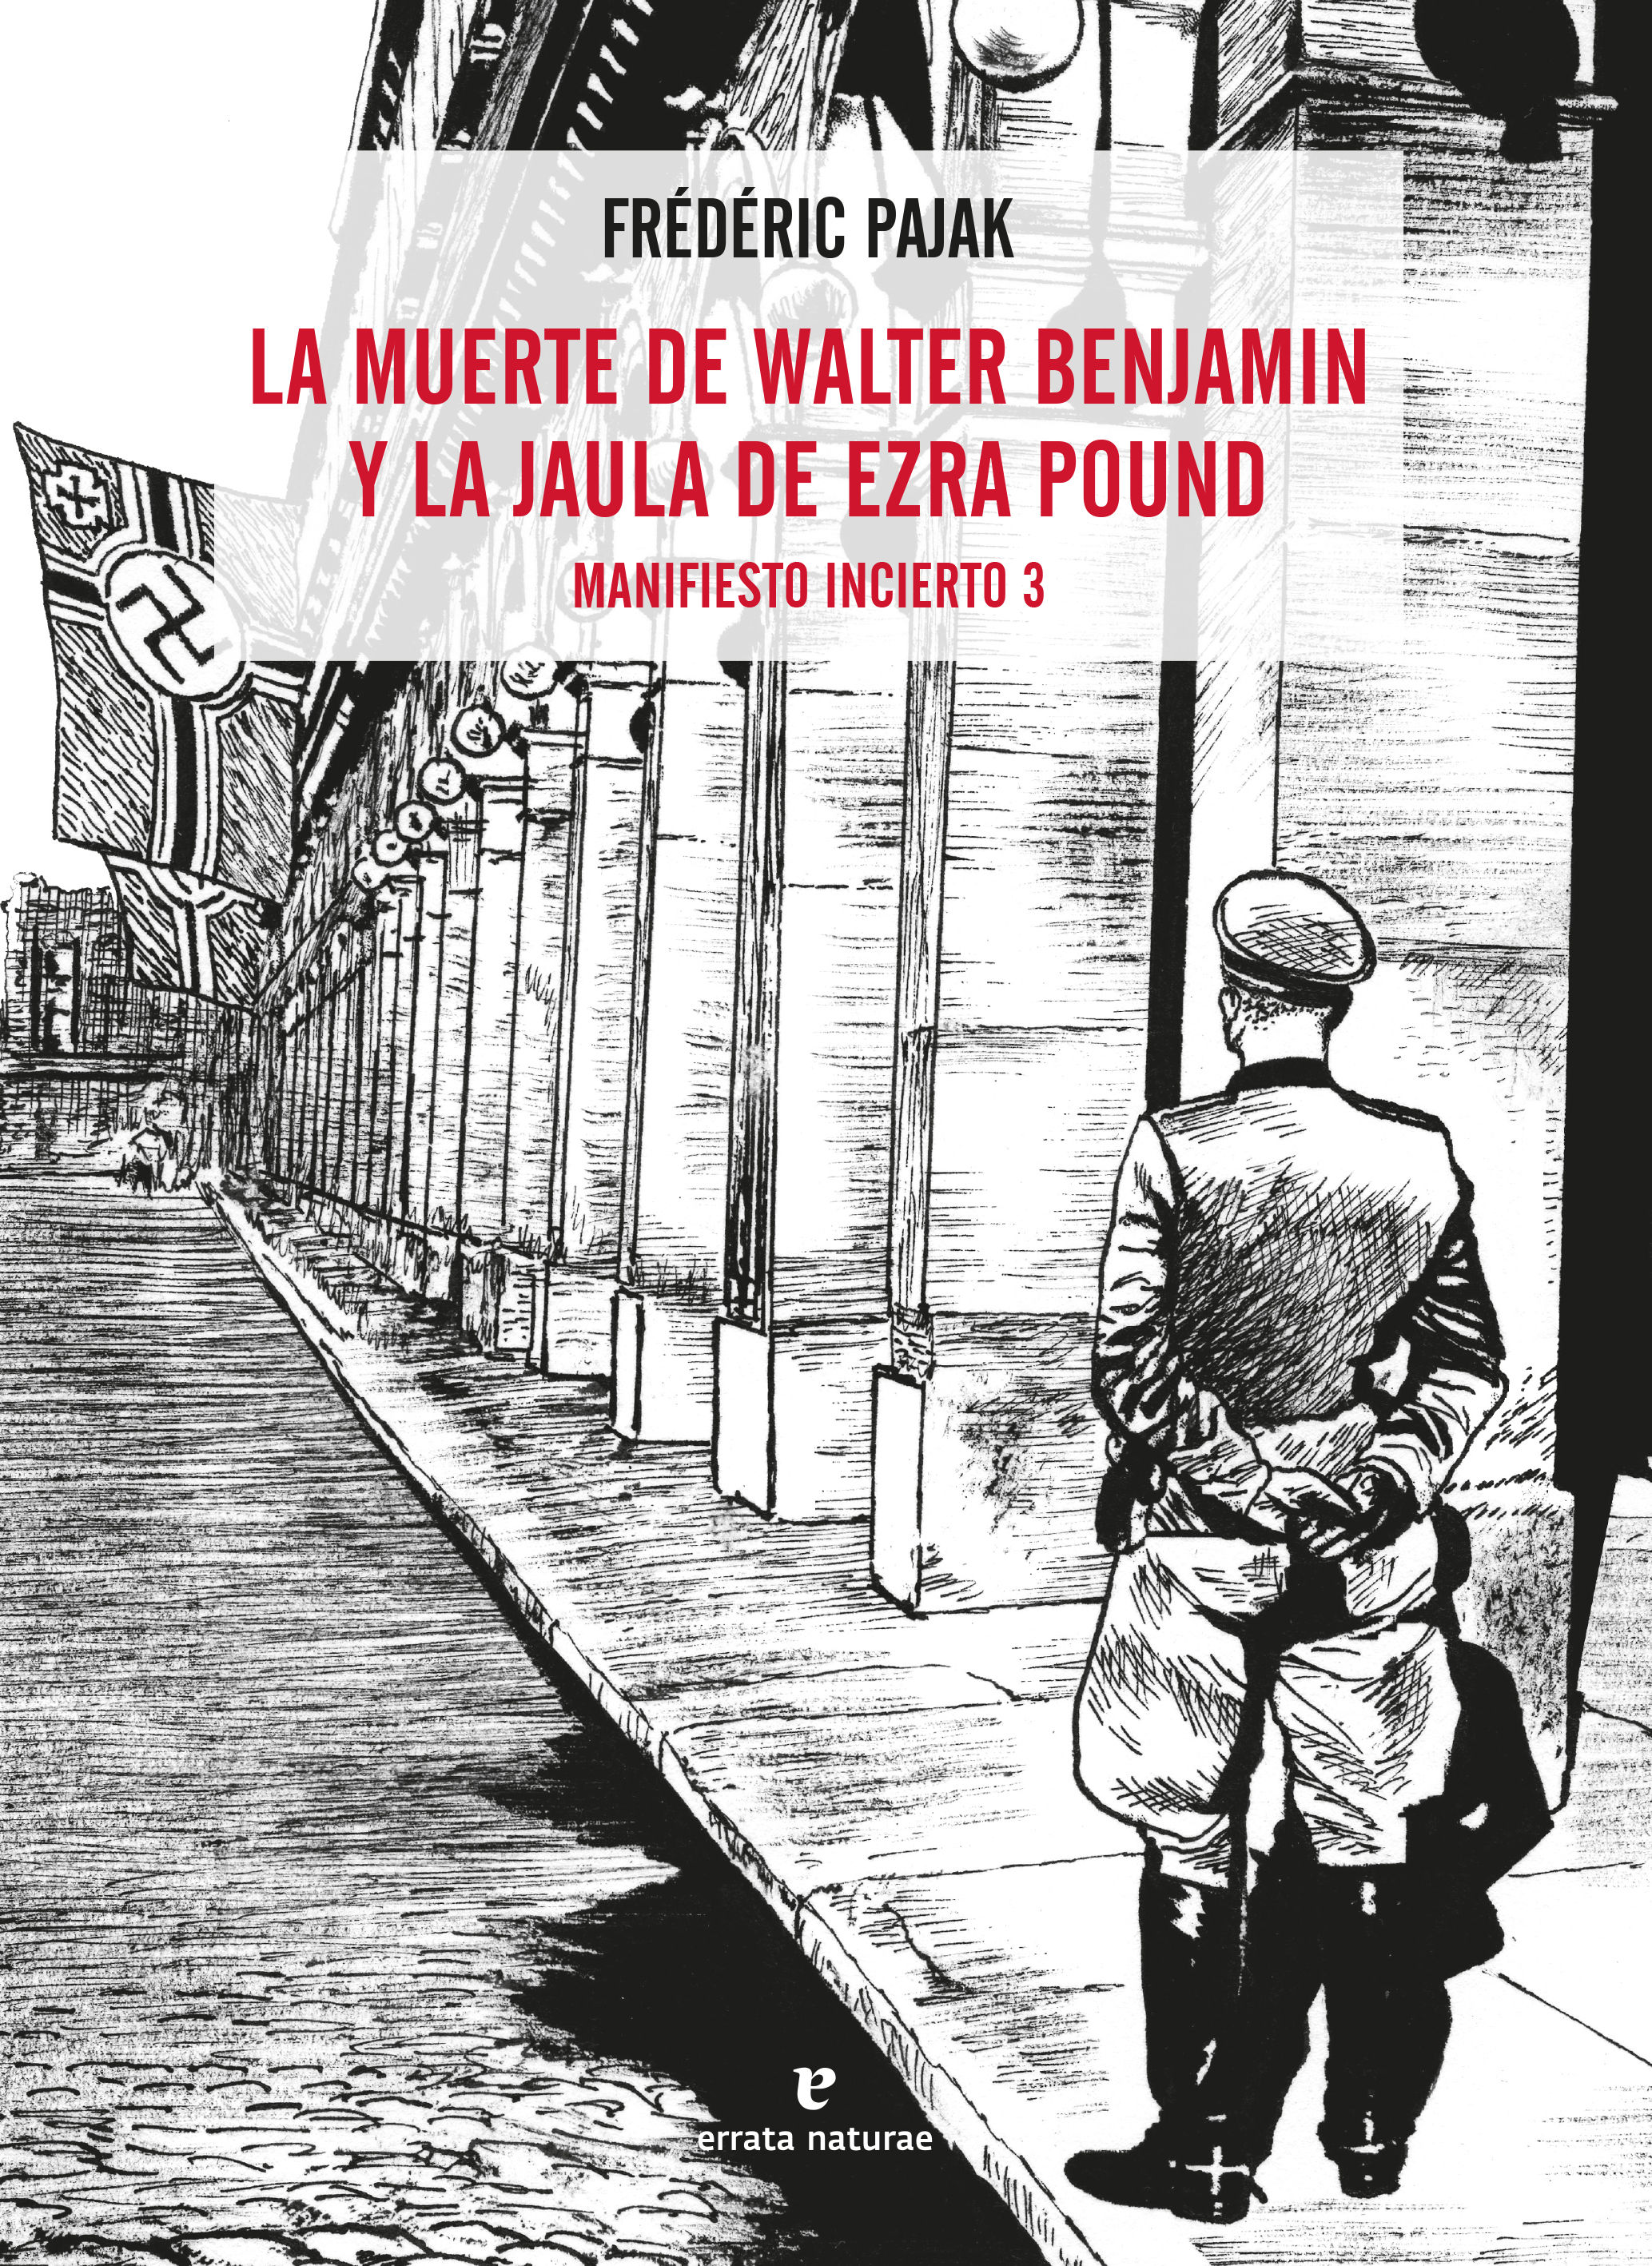 MUERTE DE WALTER BENJAMIN Y LA JAULA DE EZRA POUND LA